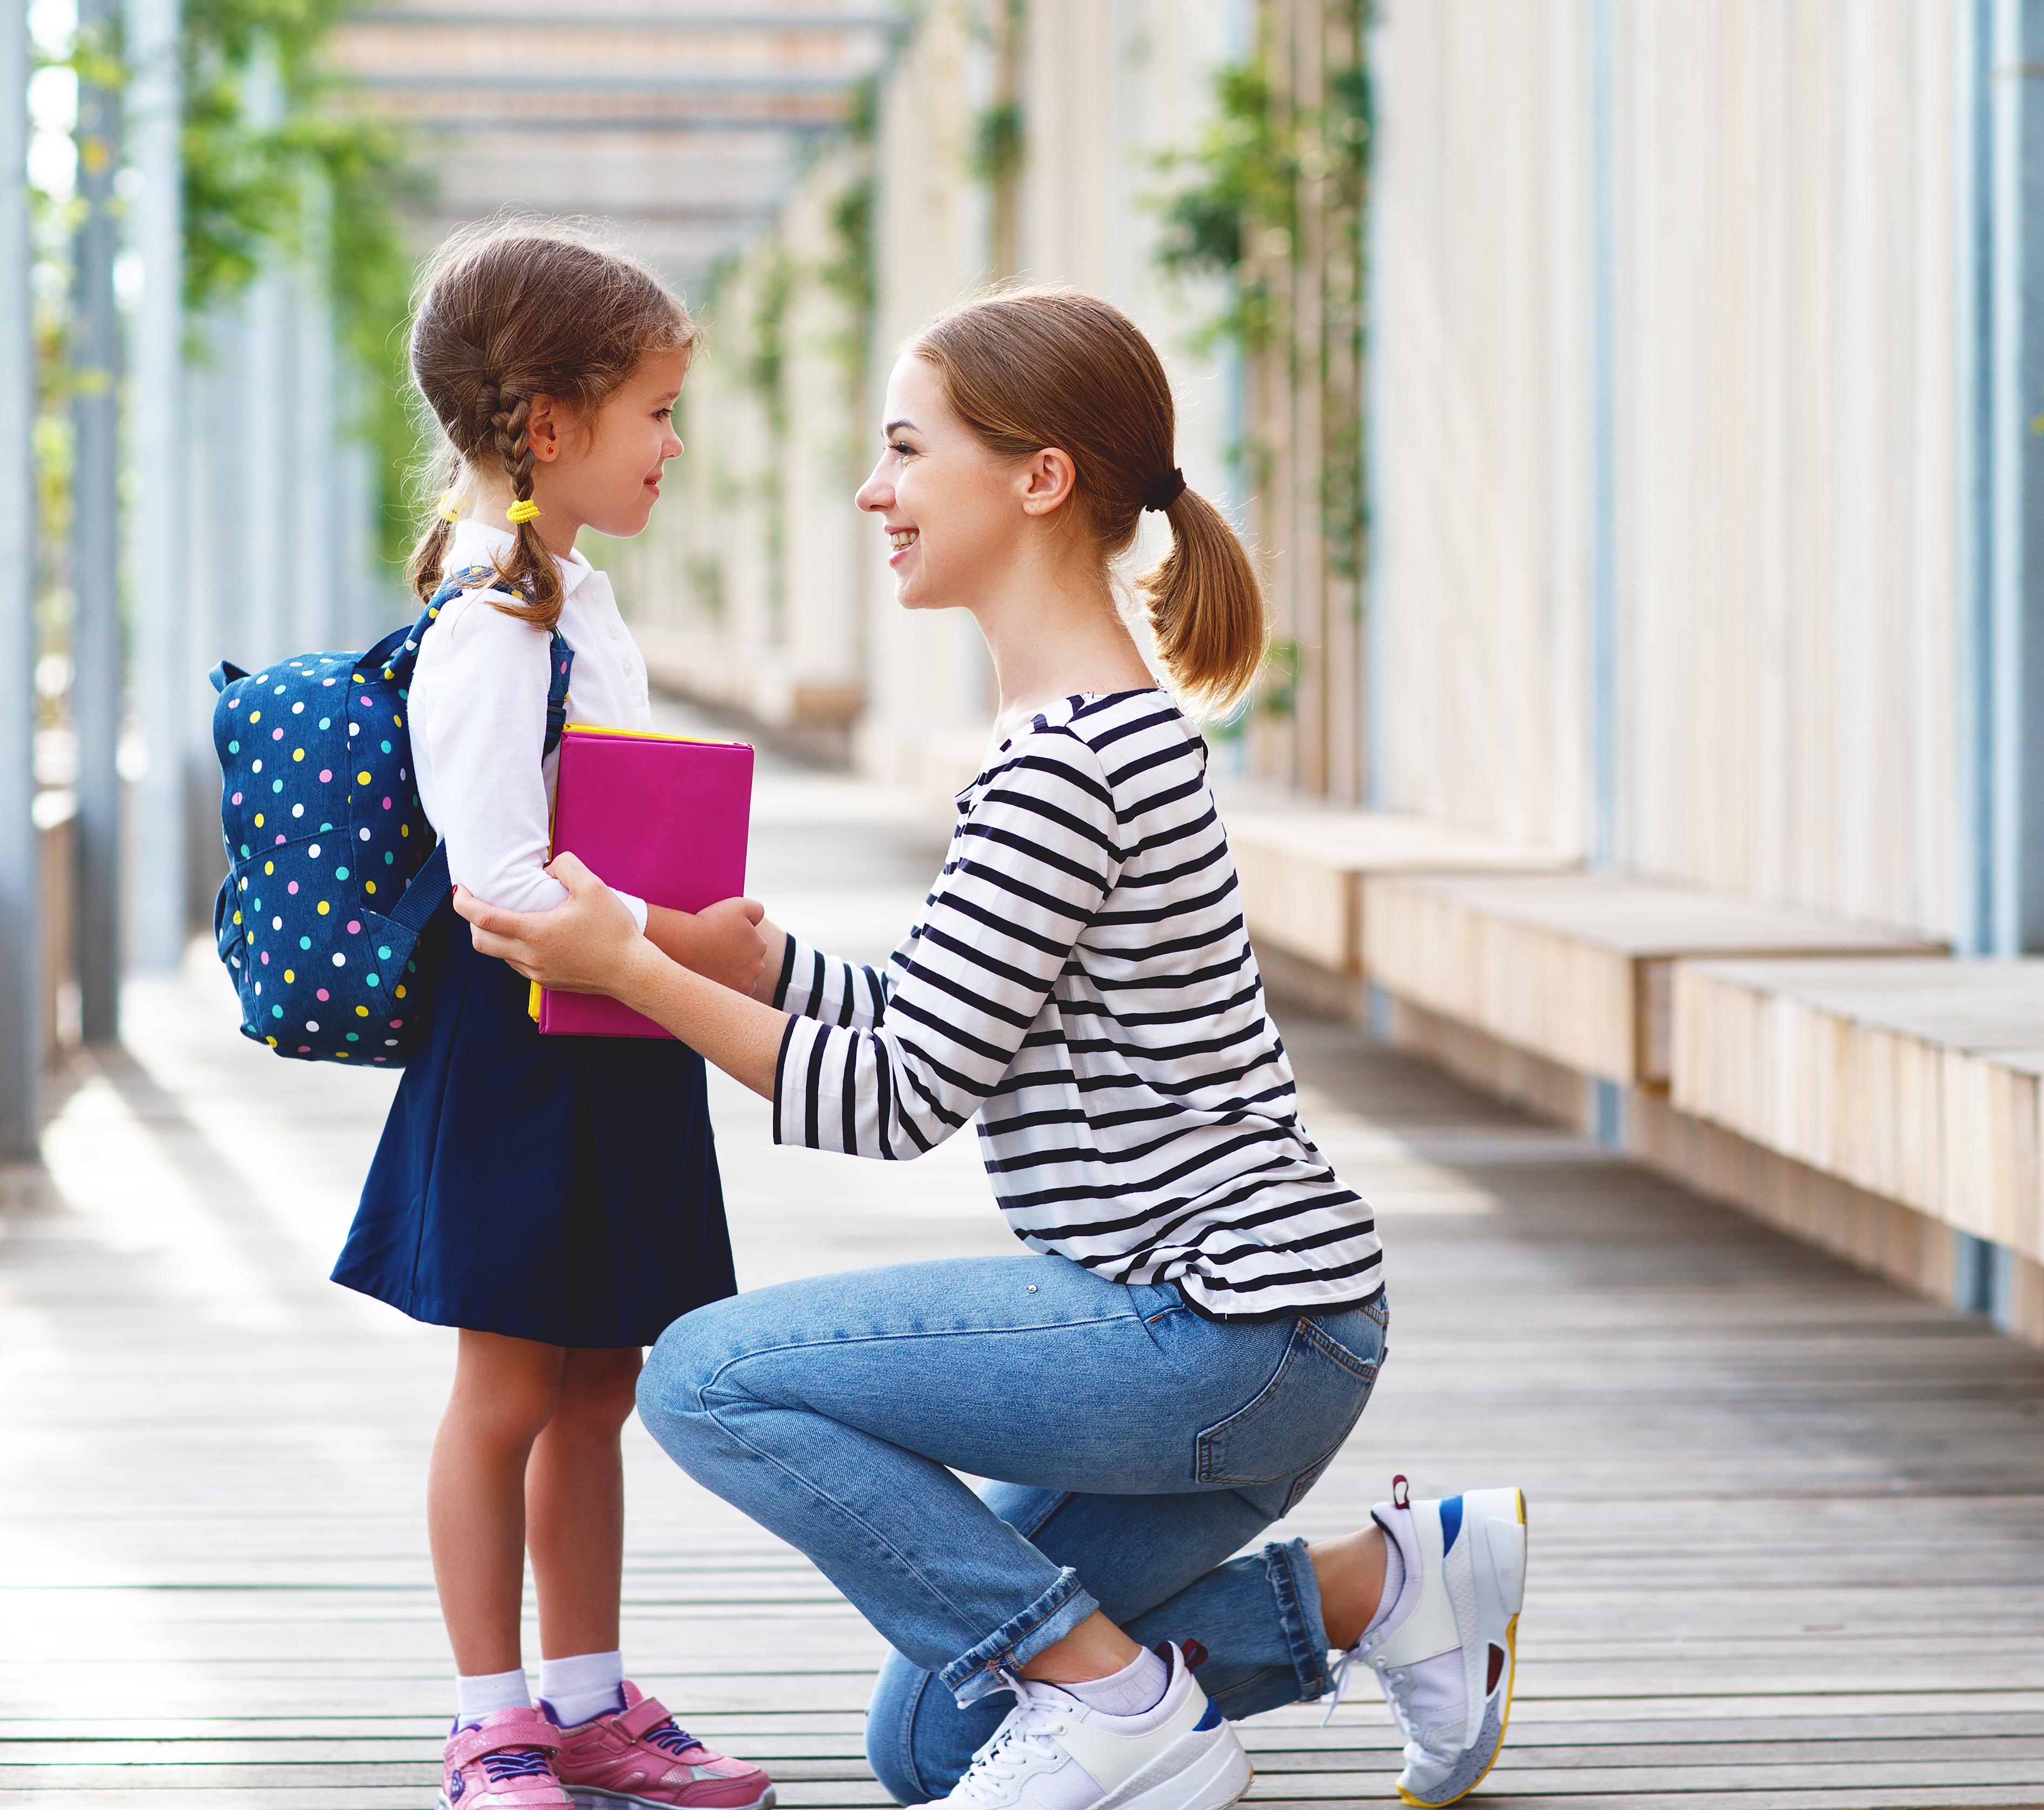 Kislány elköszön az anyukájától az iskola ajtajában